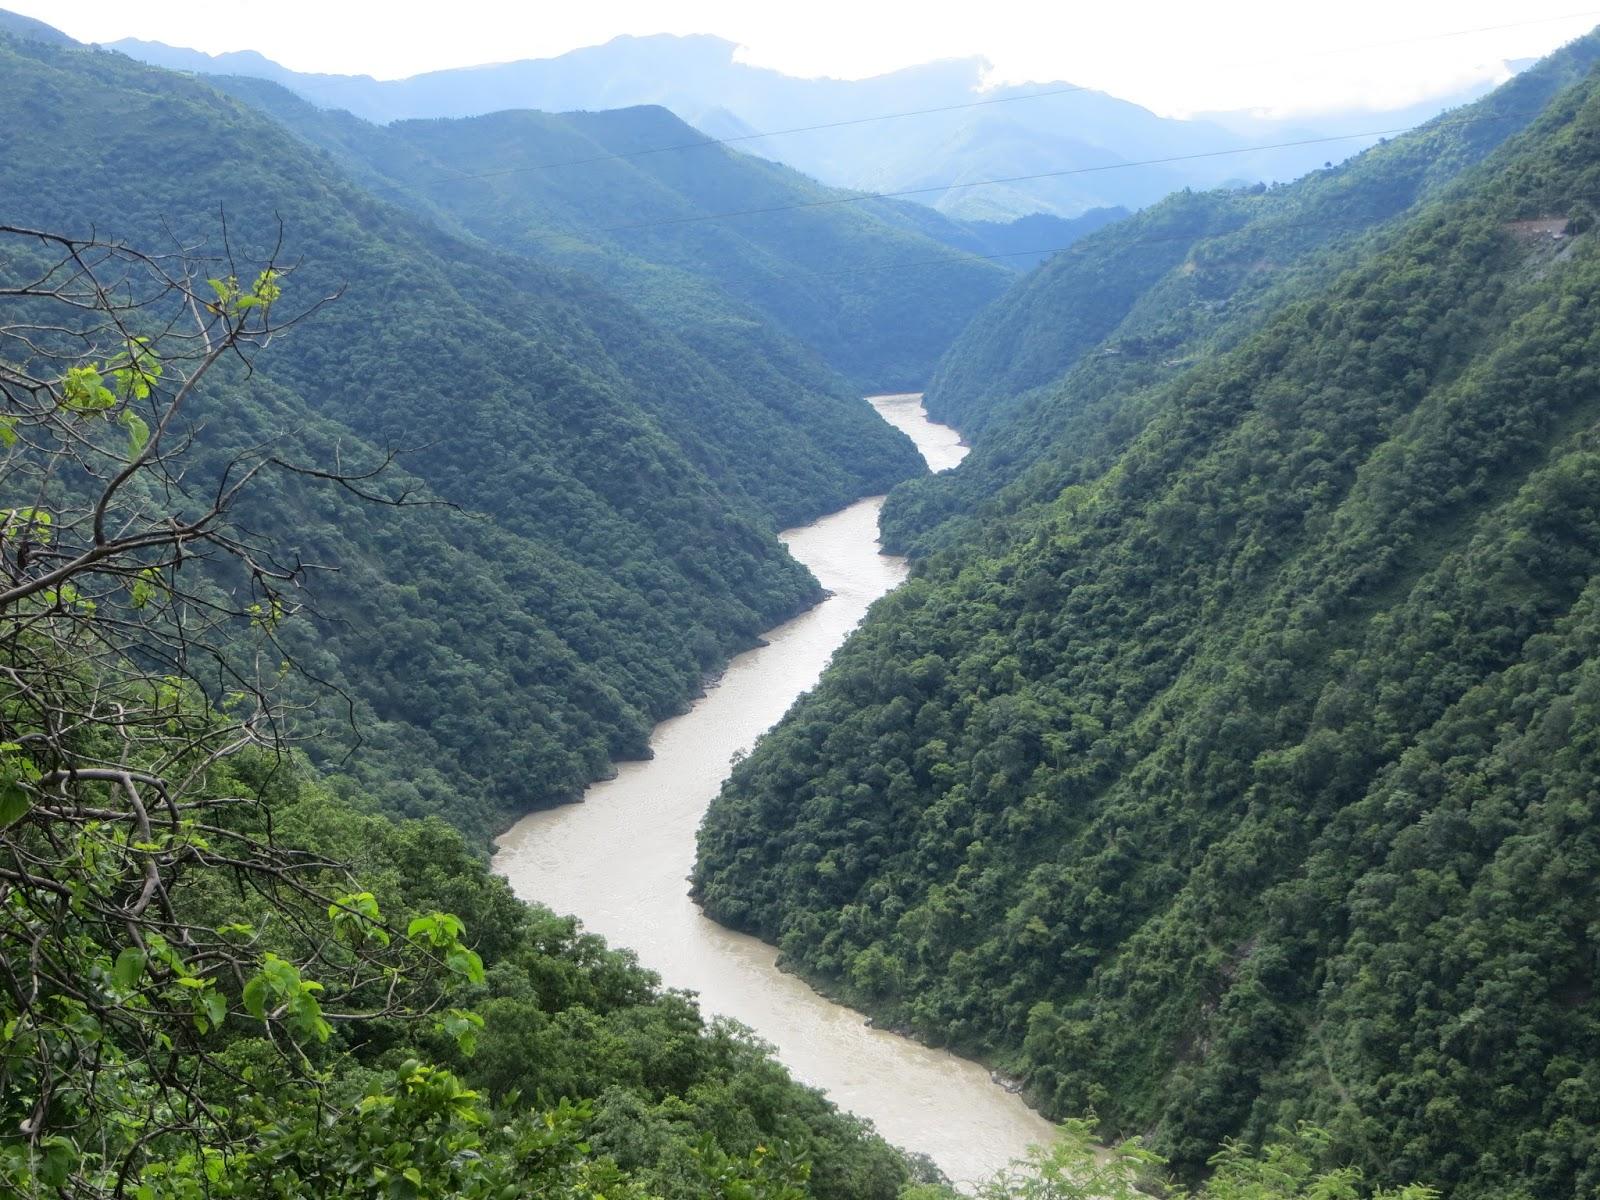 Ganga-Brahmaputra